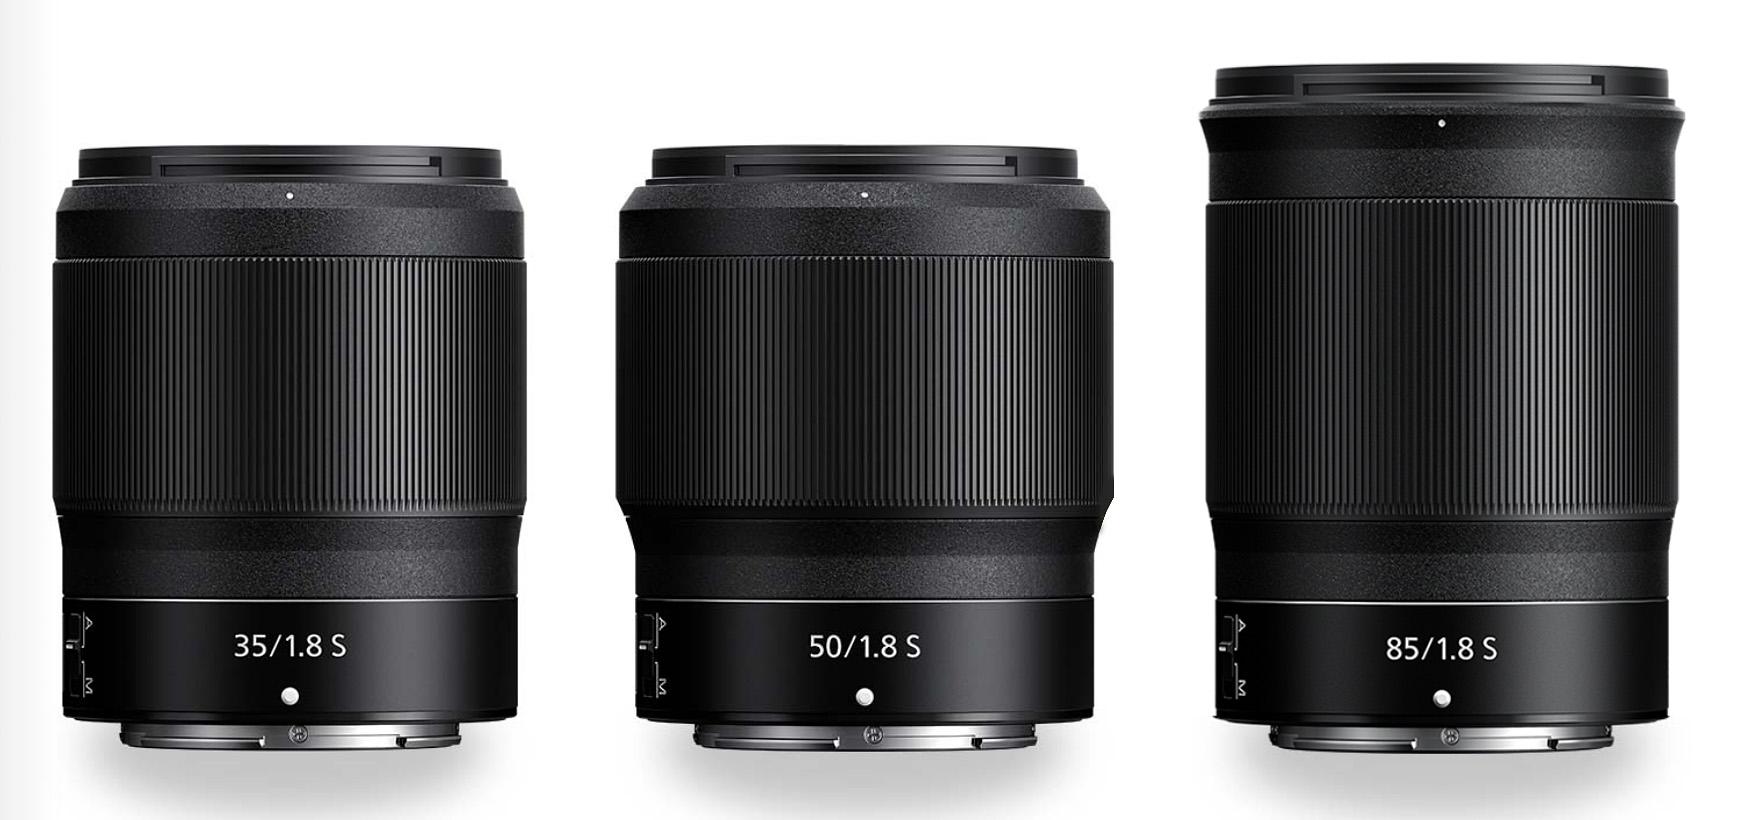 Porovnání velikostí: Nikkor Z 35 mm f/1,8 S, Z 50 mm f/1,8 S a Z 85 mm f/1,8 S